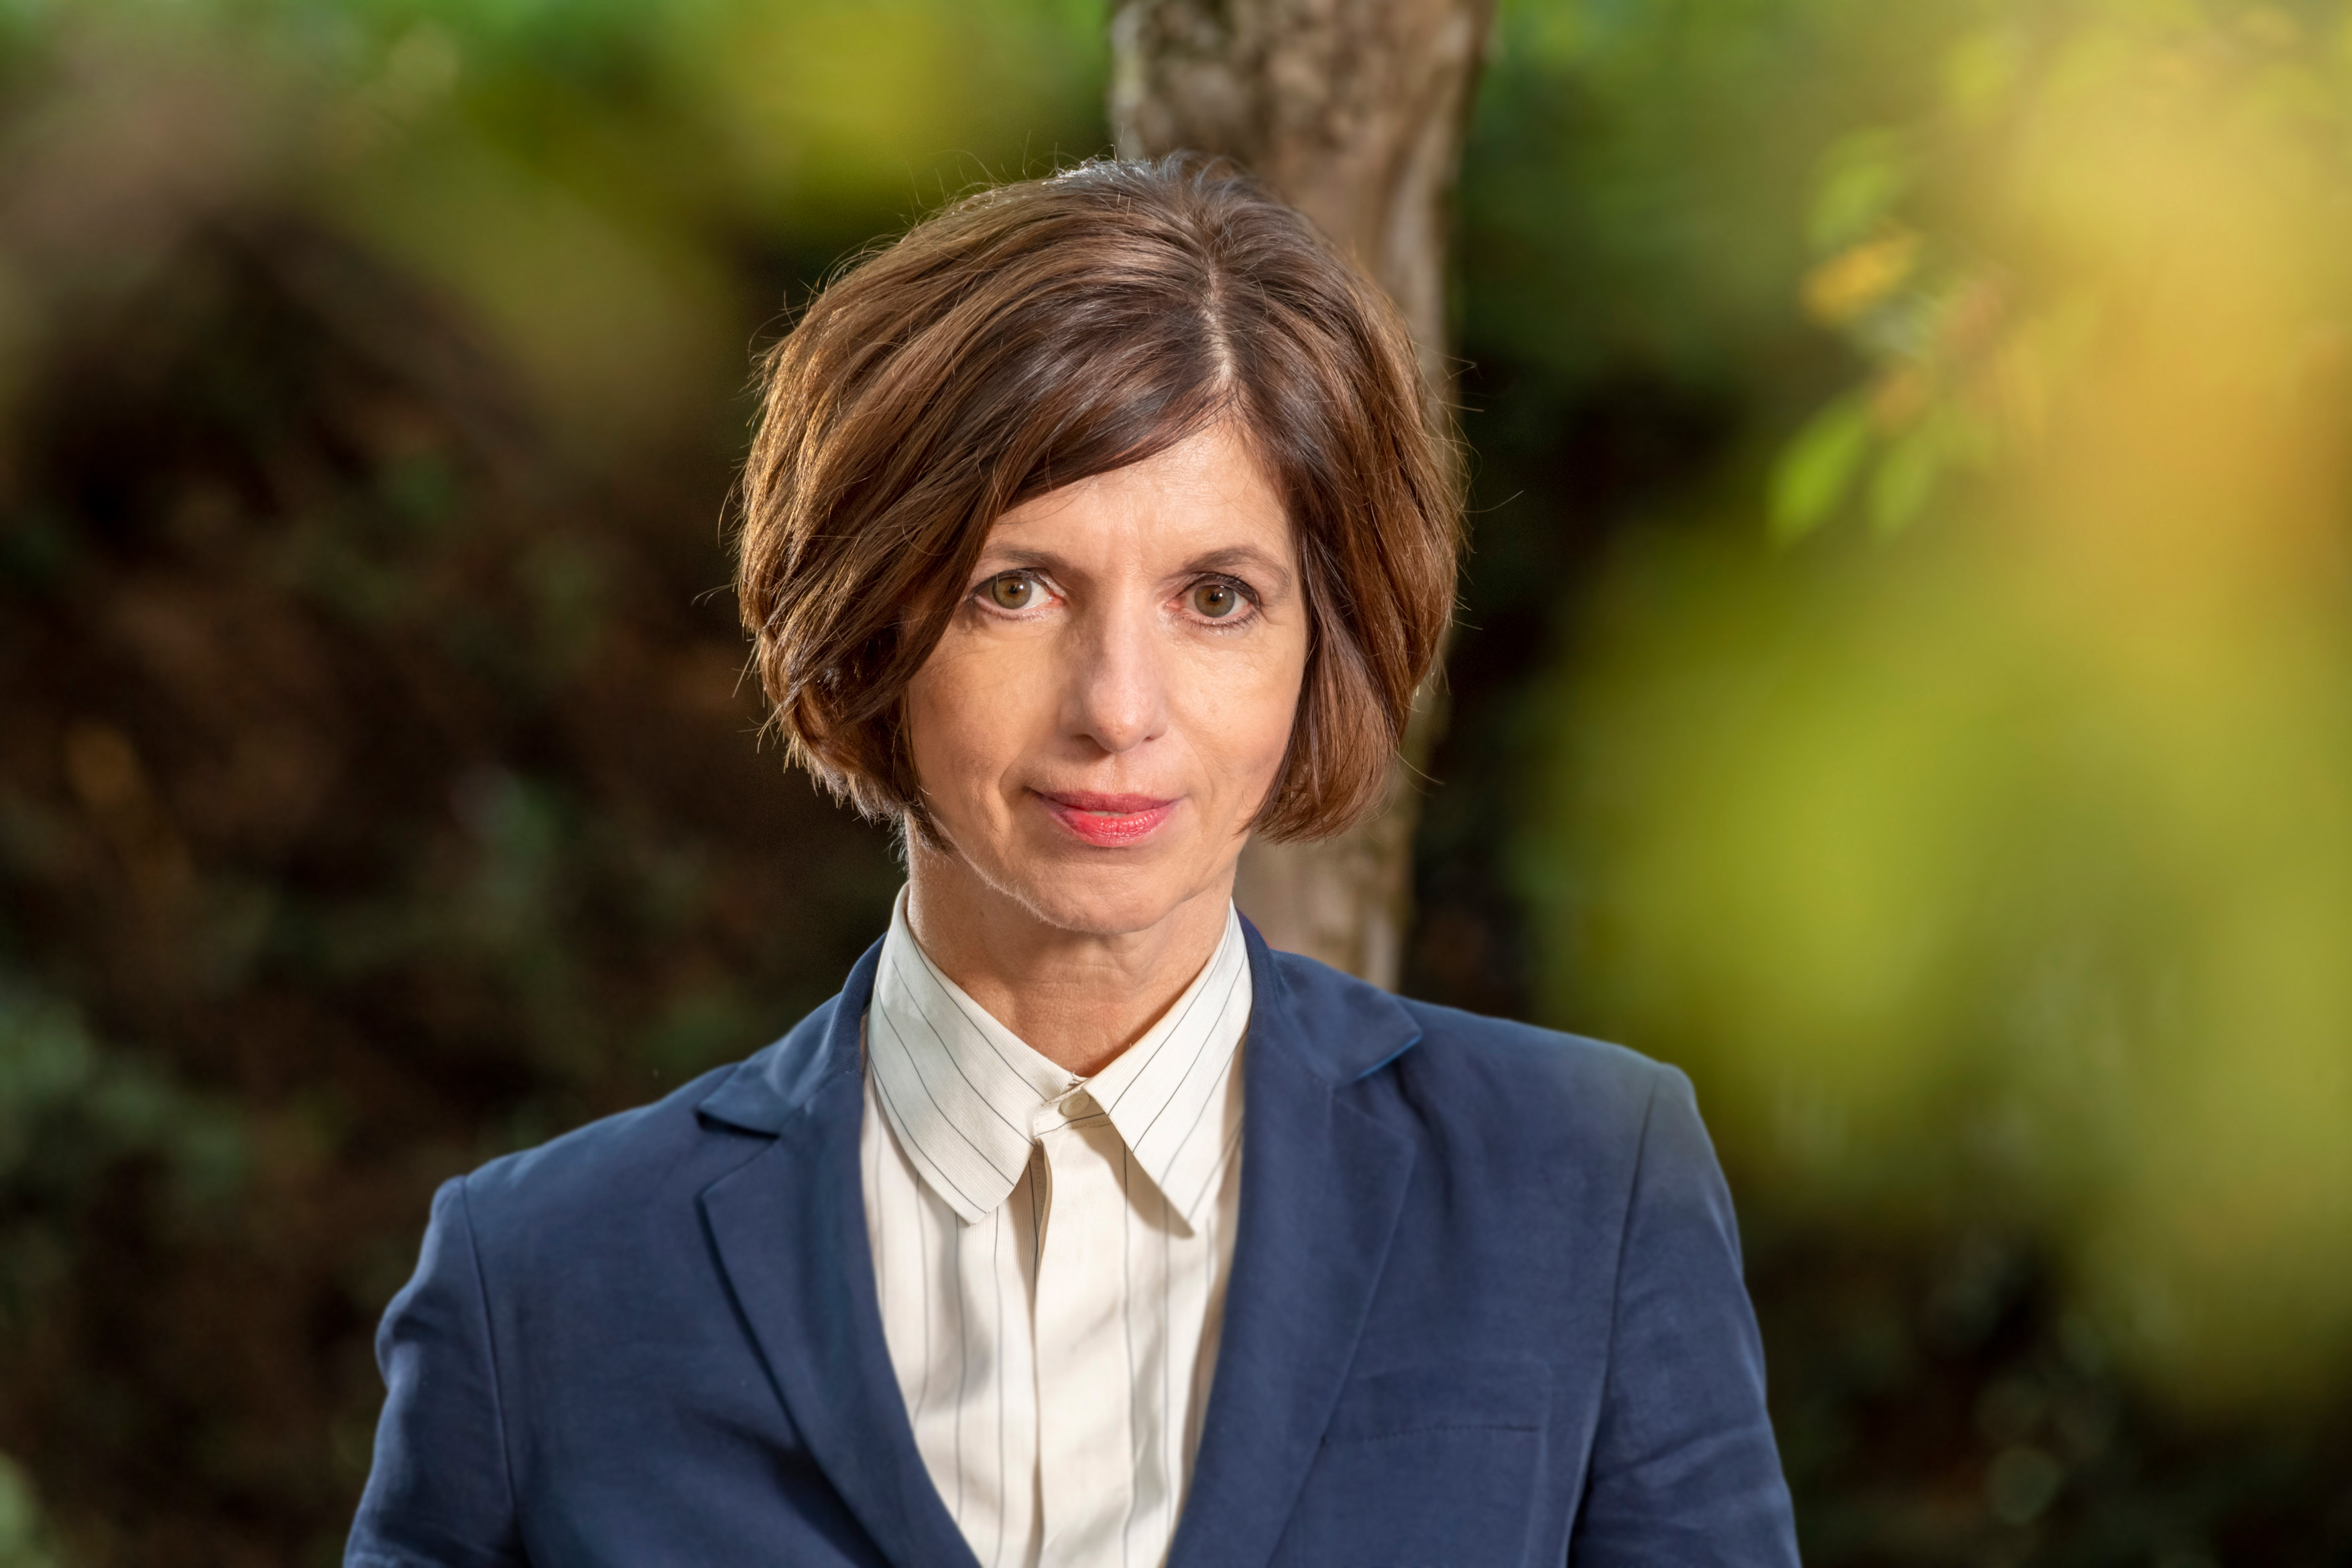 Prof. Dr. h. c. Jutta Allmendinger